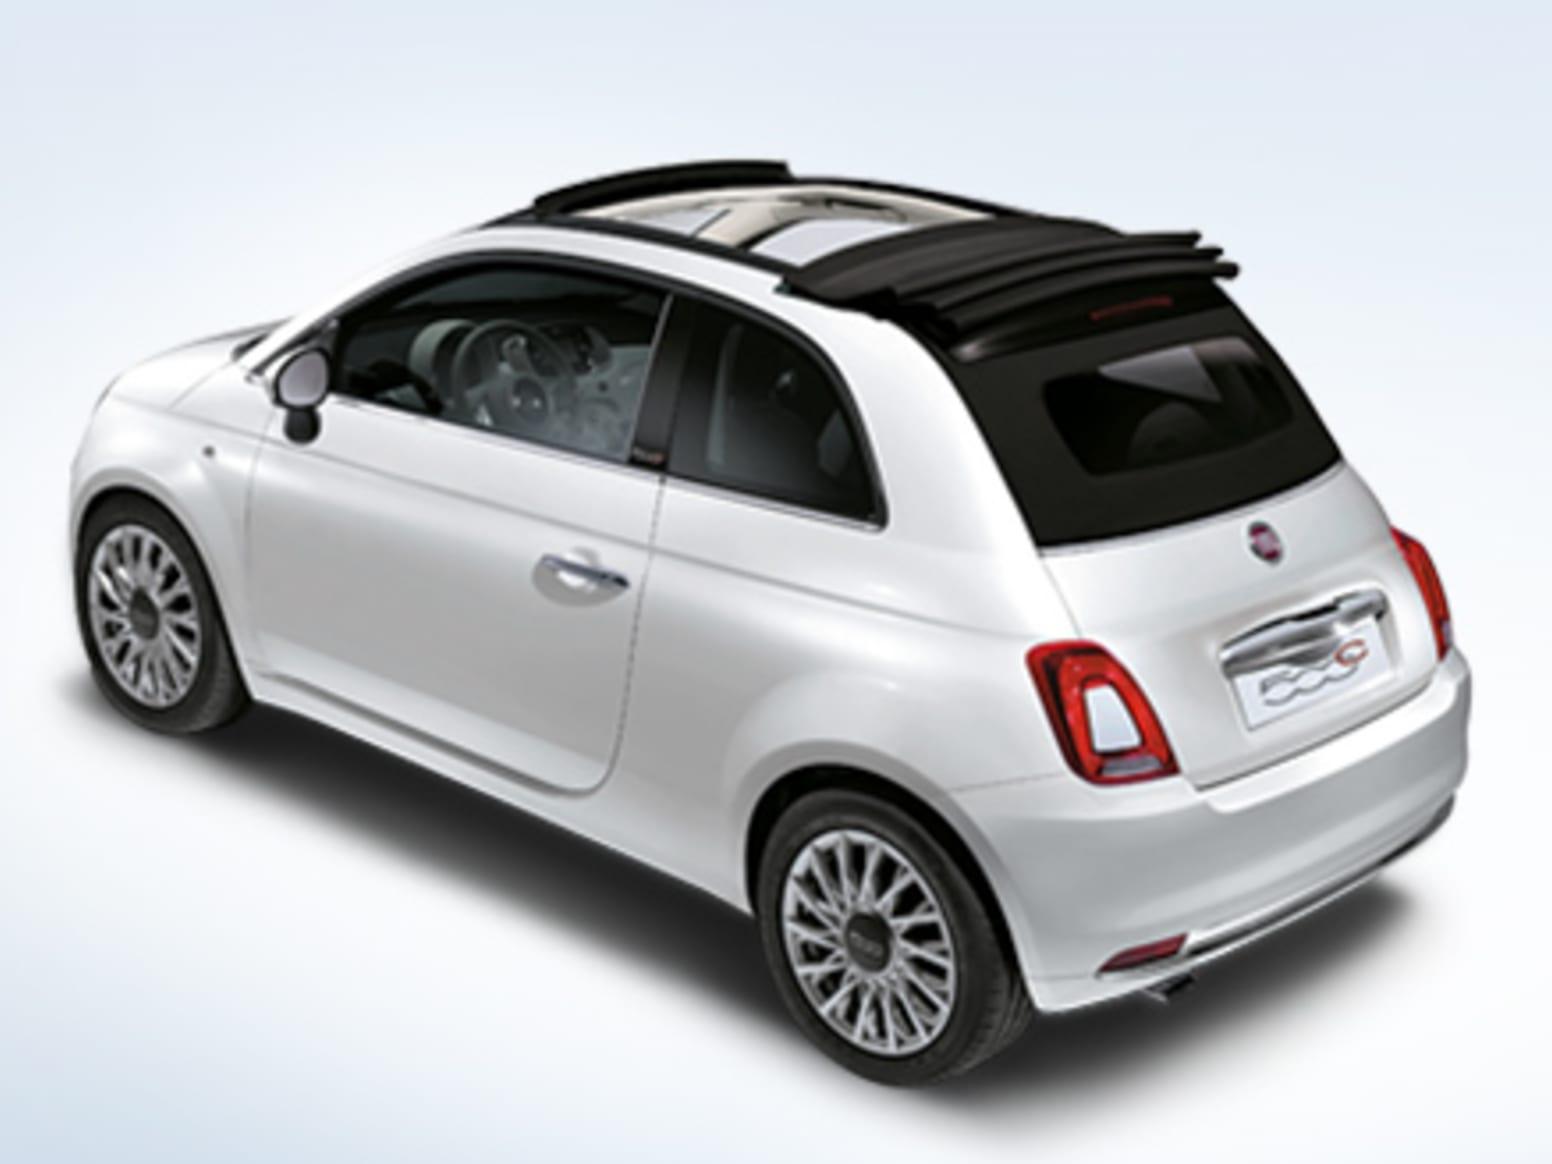 White Fiat 500C Rear Exterior